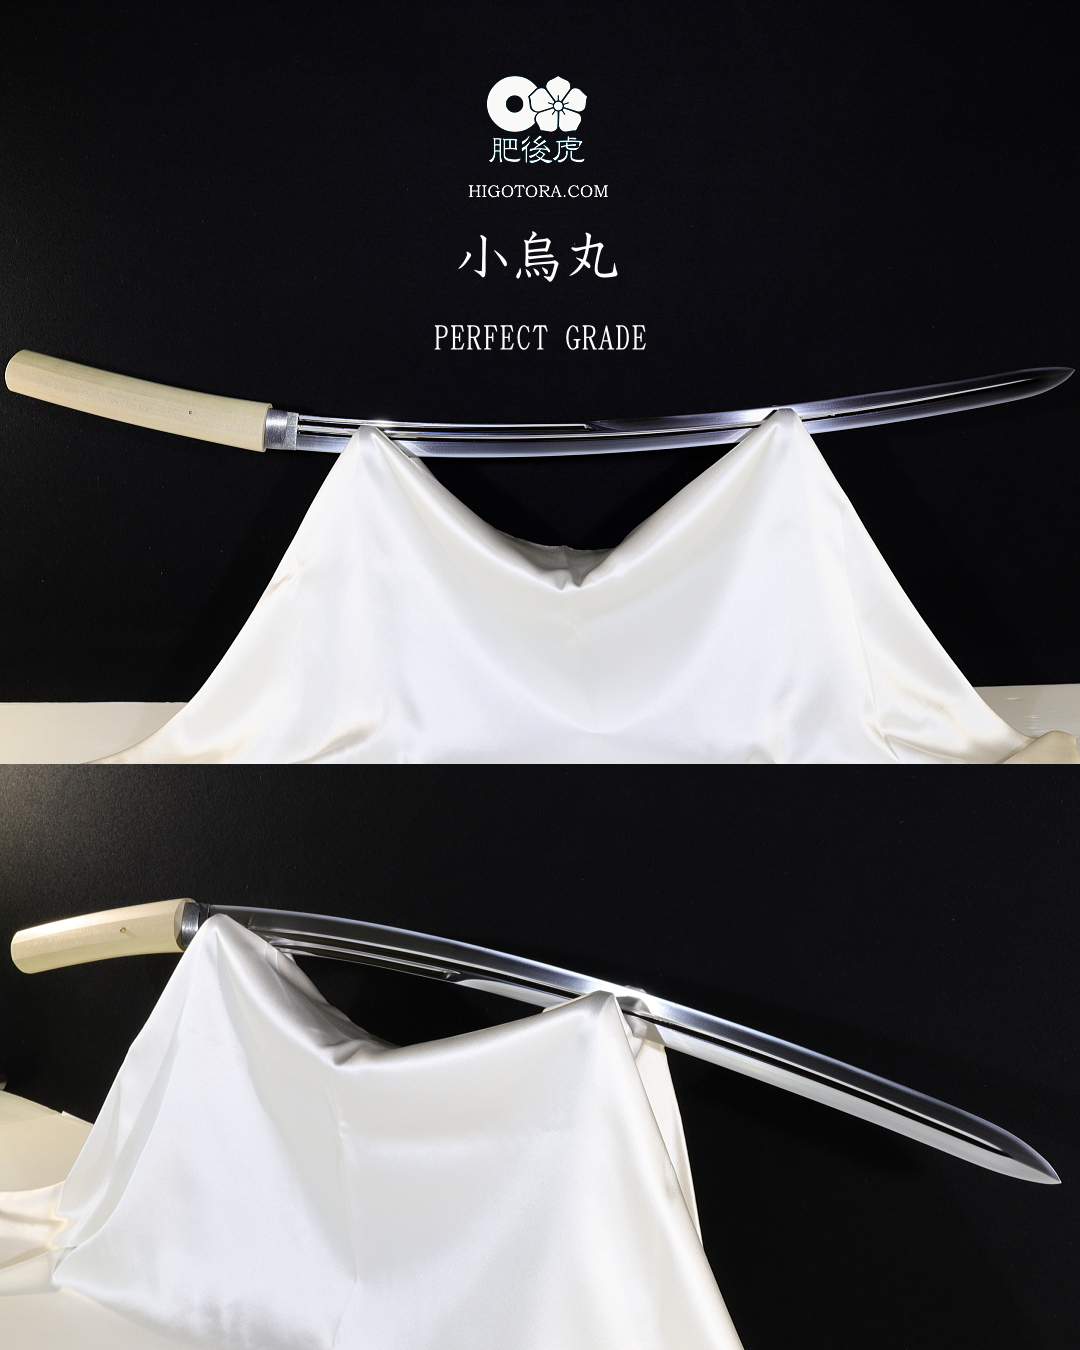 小烏丸 模擬刀 PERFECT GRADE #KGPF